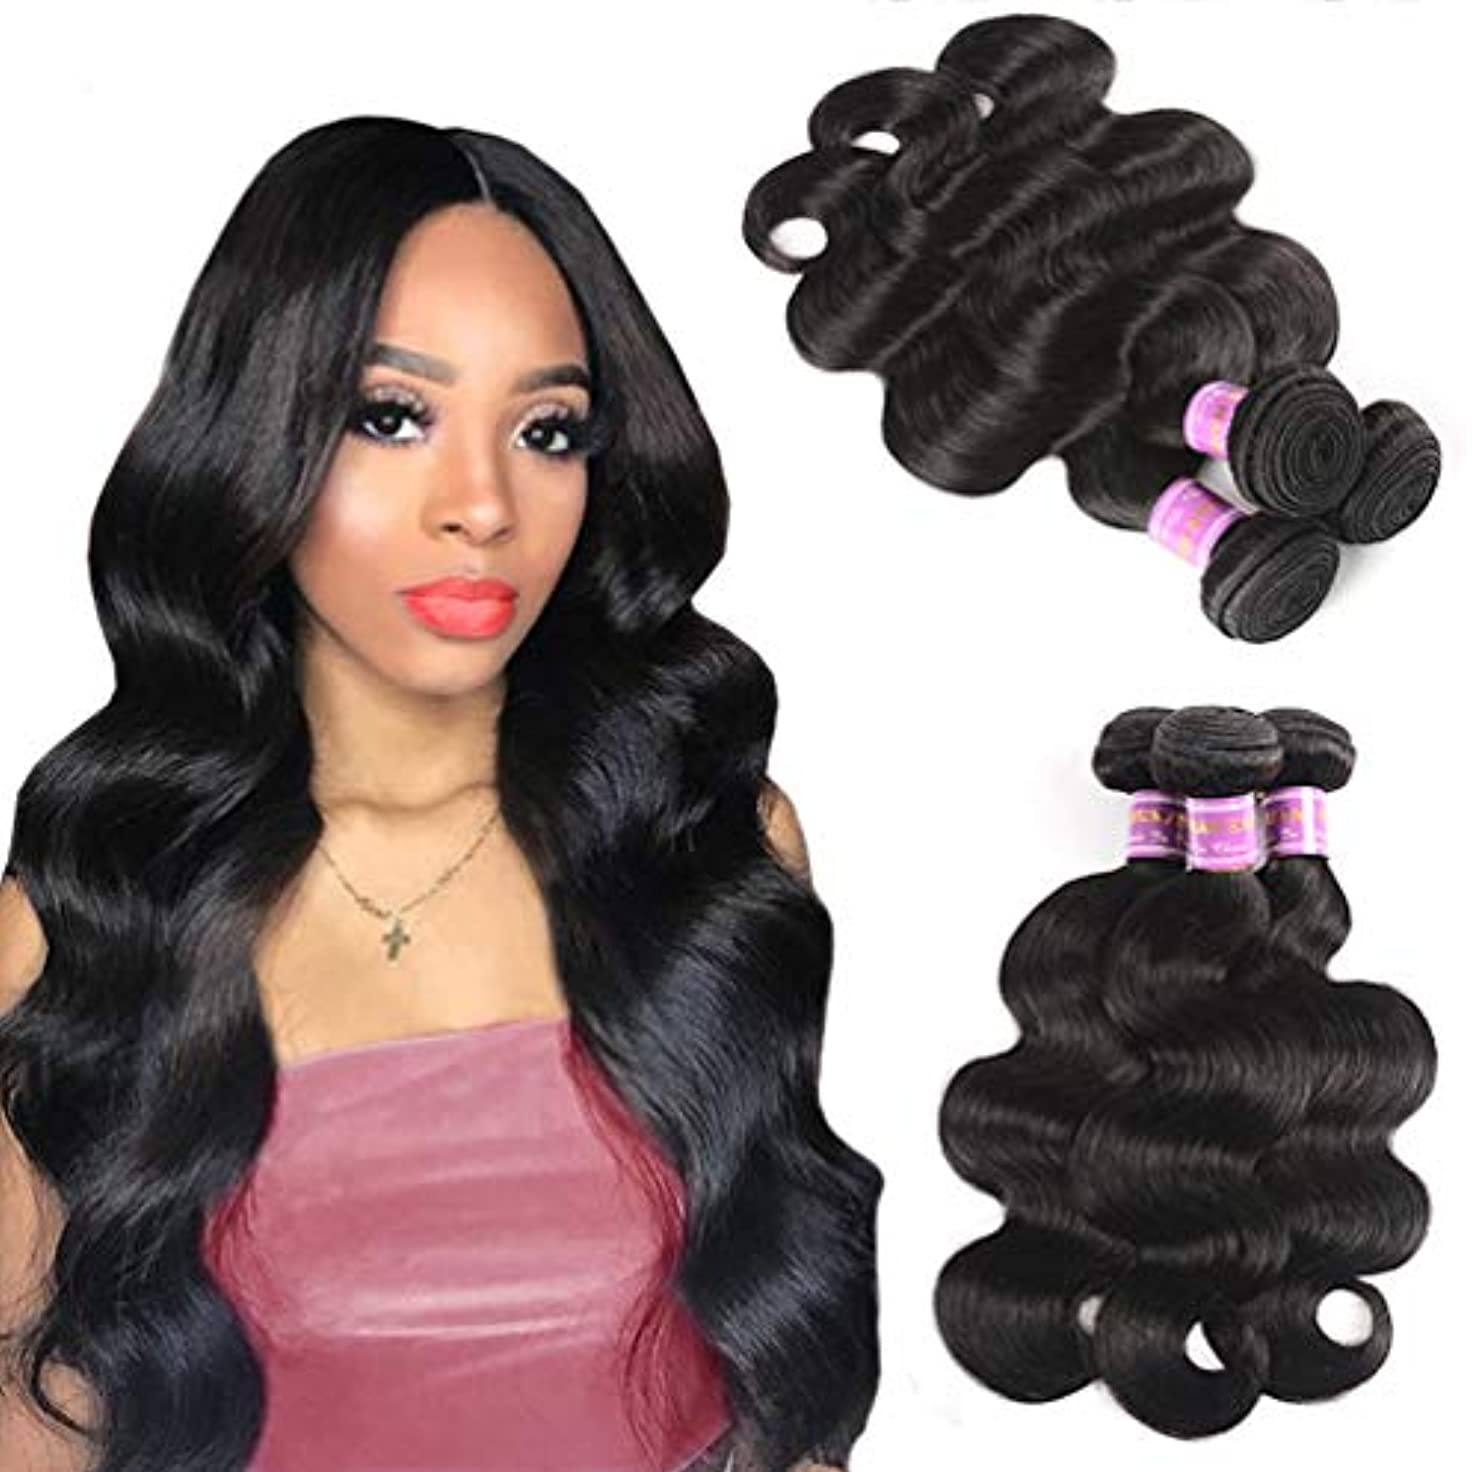 電気陽性ノーブル簡略化する女性ブラジルの髪の束ボディ波バージン髪織り赤ちゃんの髪の自由な部分自然な色(3バンドル)